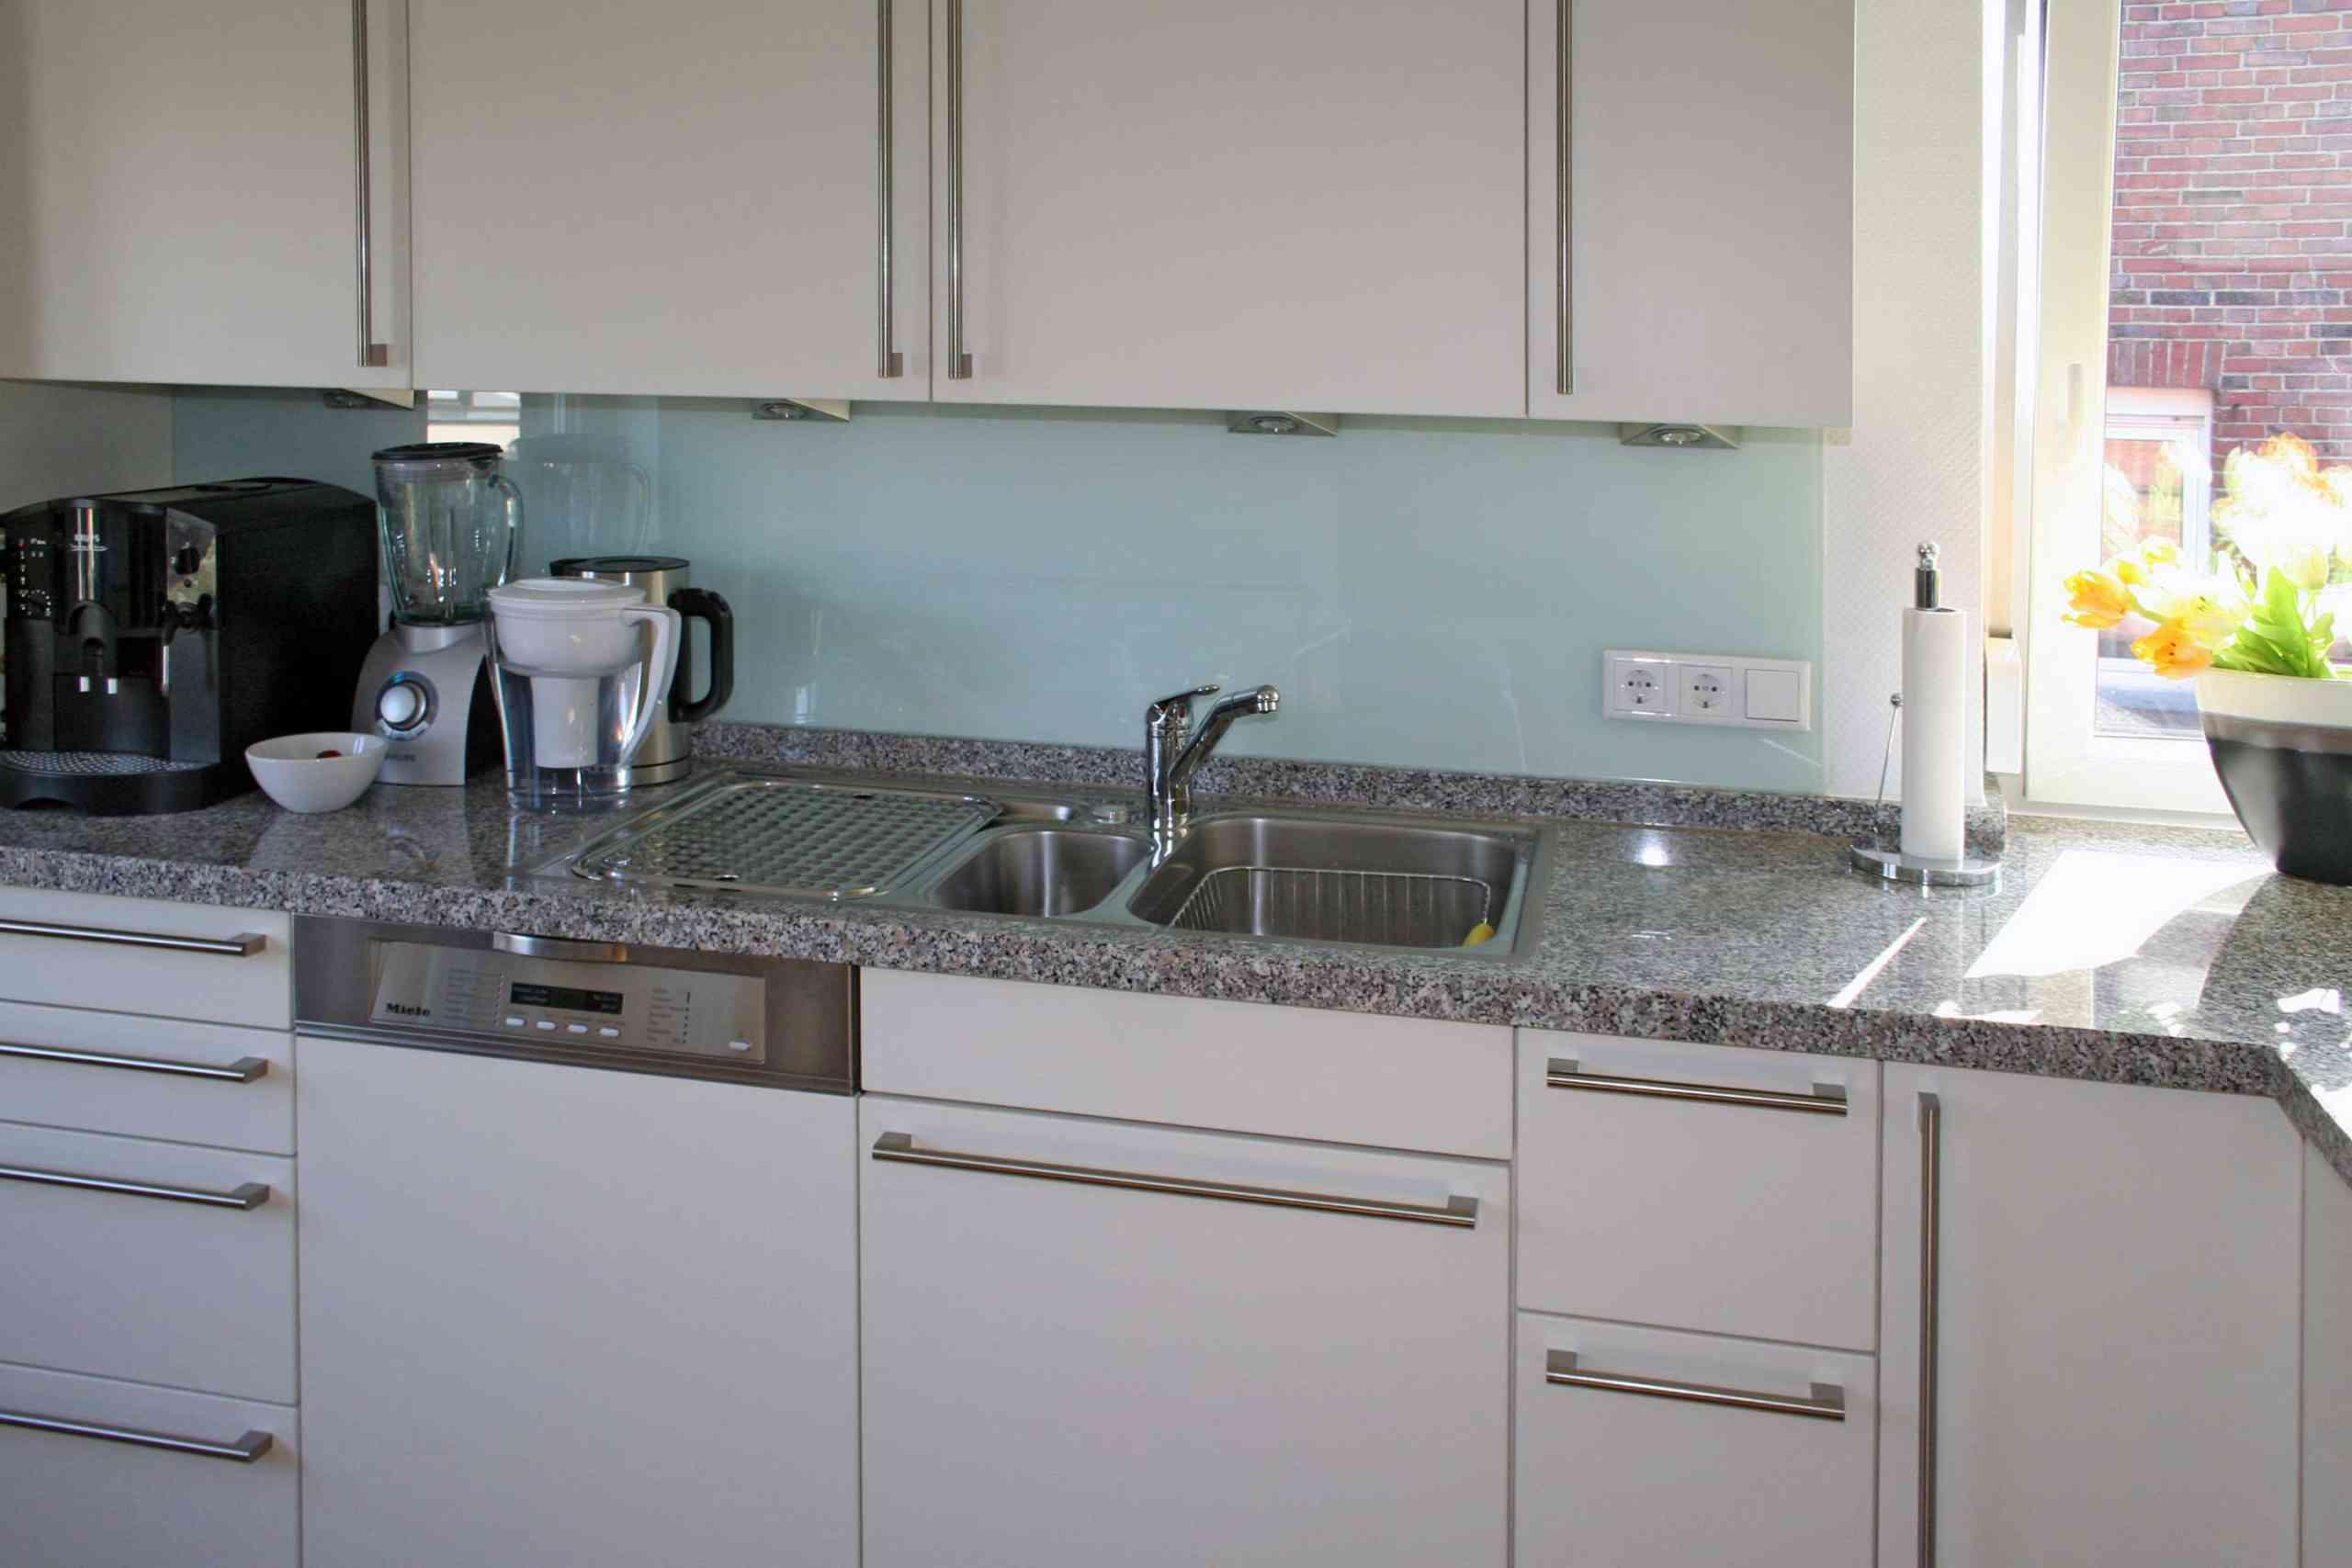 Küchenarbeitsplatte in Rosa Beta